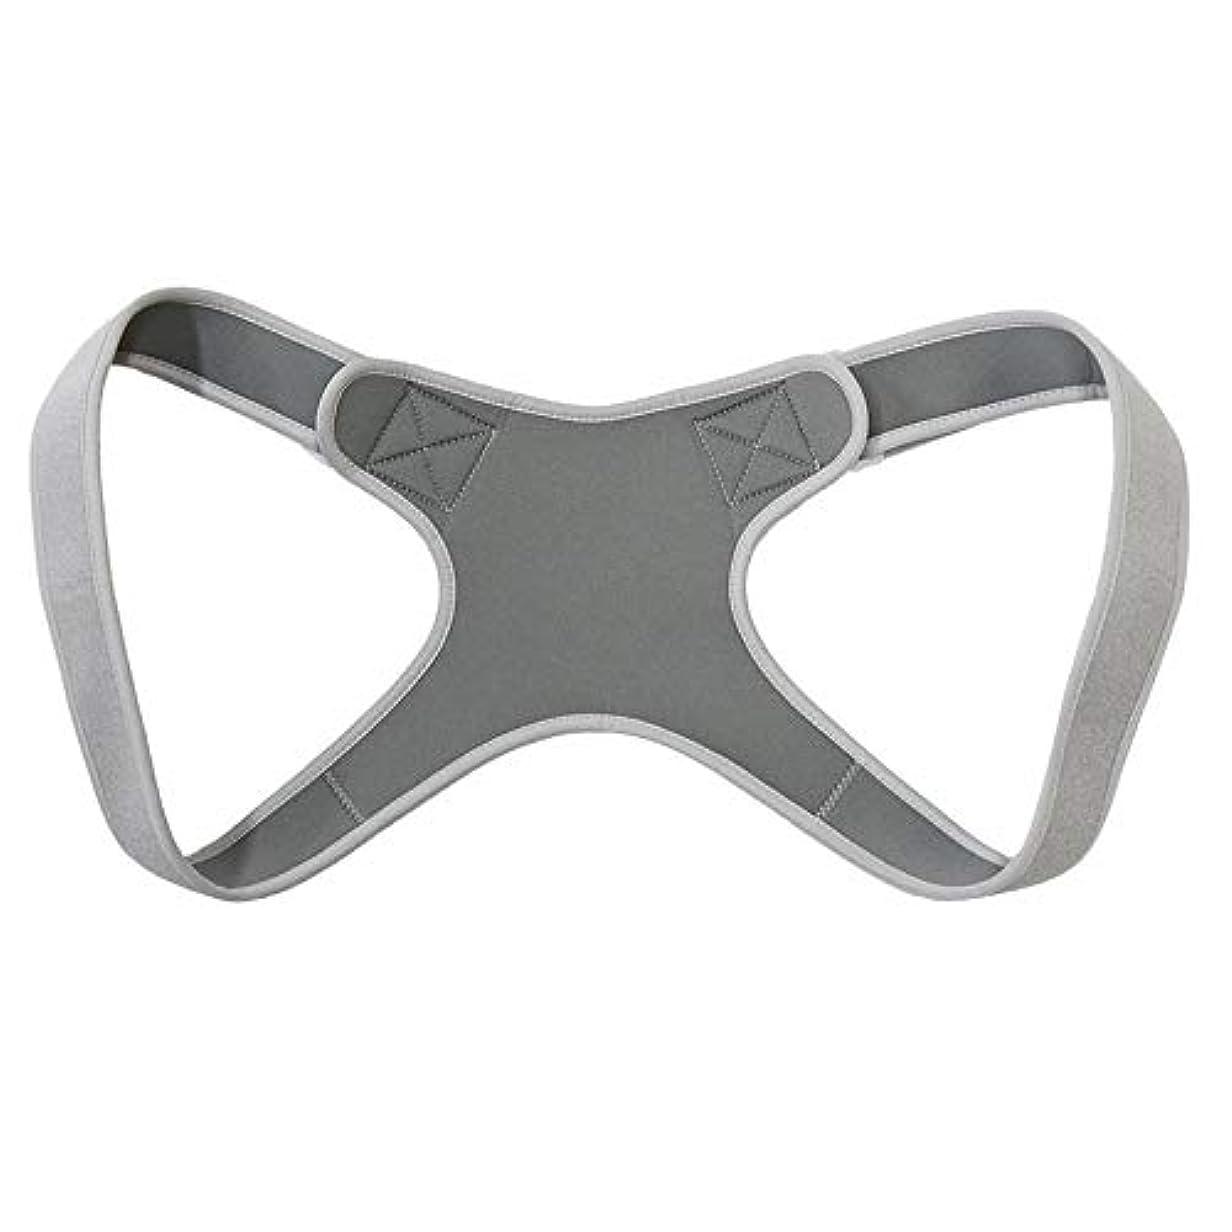 管理カラス枯れる新しいアッパーバックポスチャーコレクター姿勢鎖骨サポートコレクターバックストレートショルダーブレースストラップコレクター - グレー